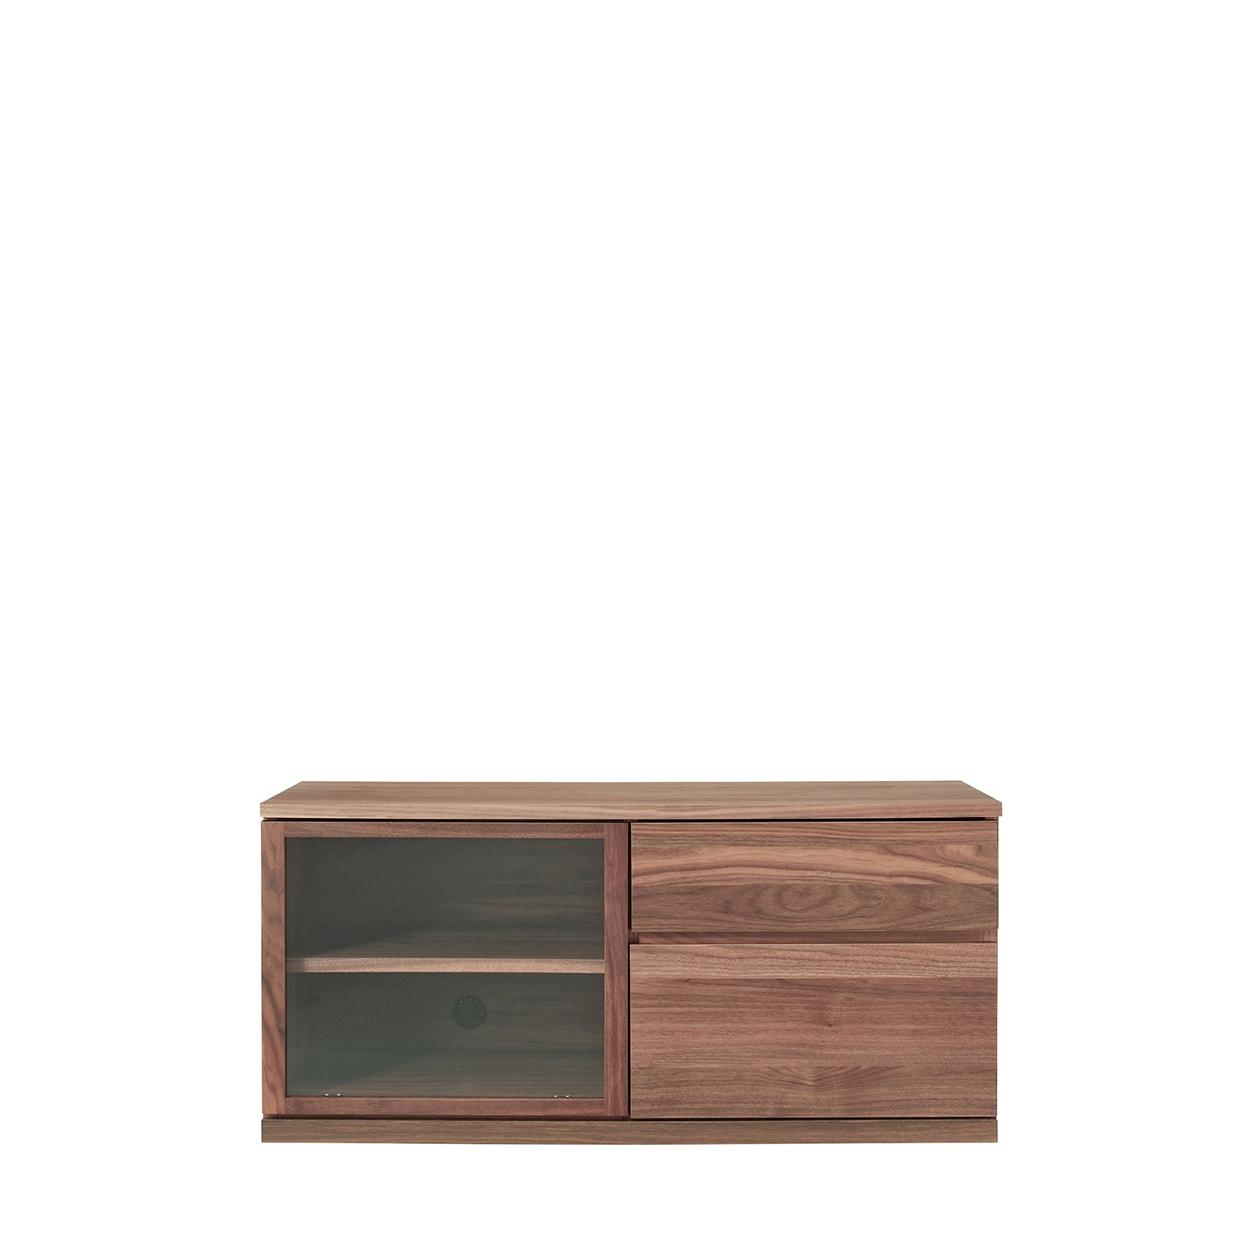 台 無印 良品 テレビ 無印のテレビ台